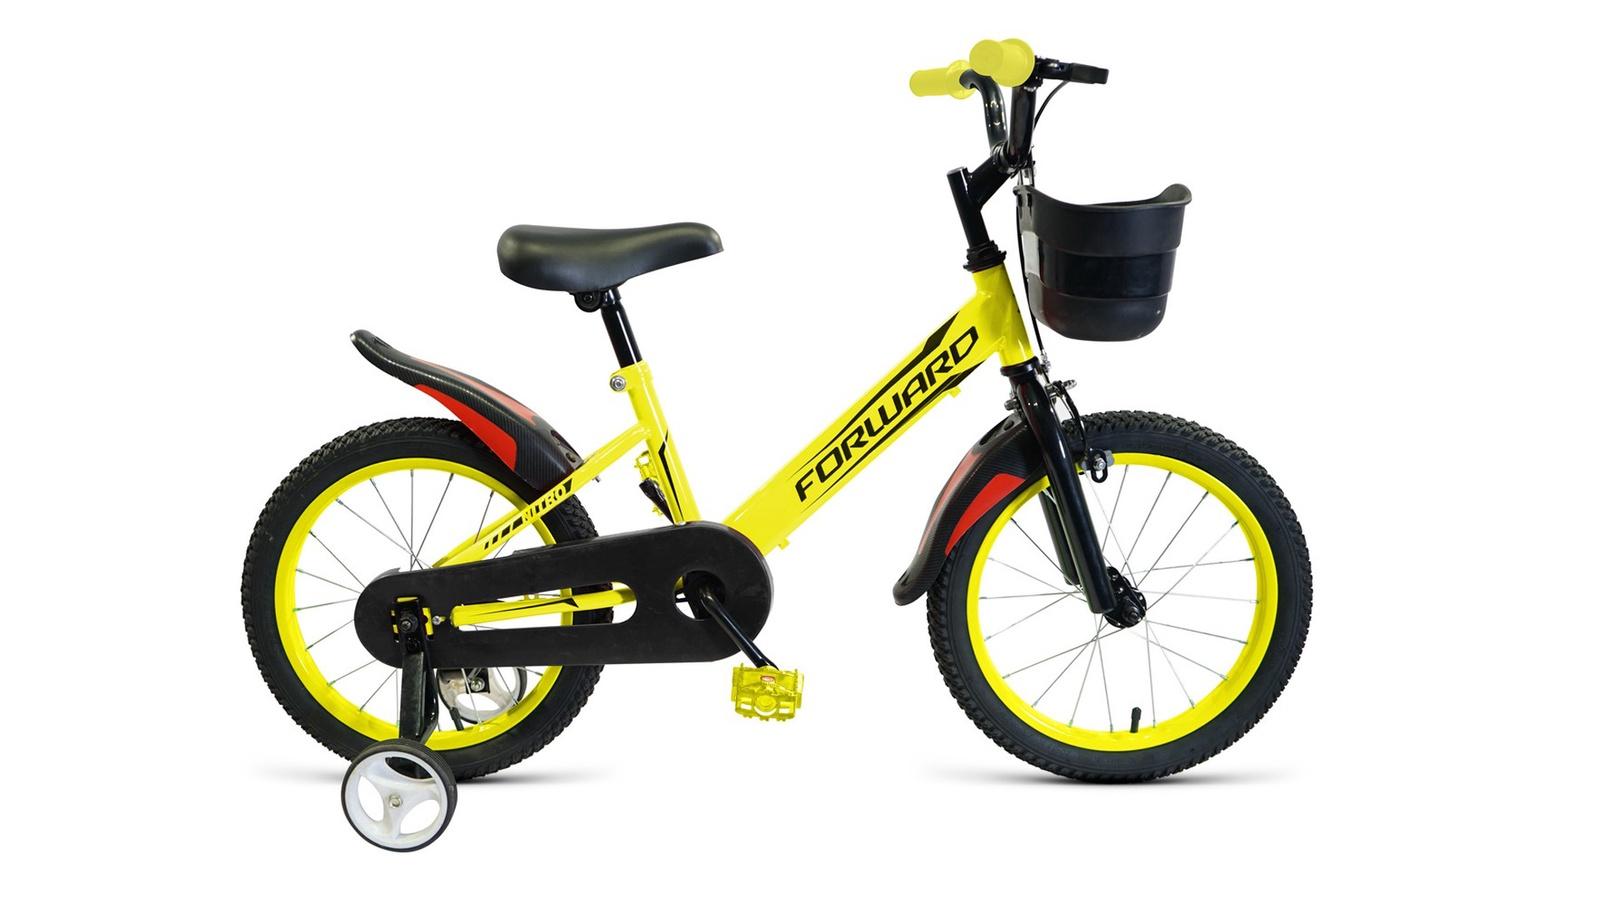 Велосипед Forward Nitro 16 2019 желтый велосипед forward nitro 14 2019